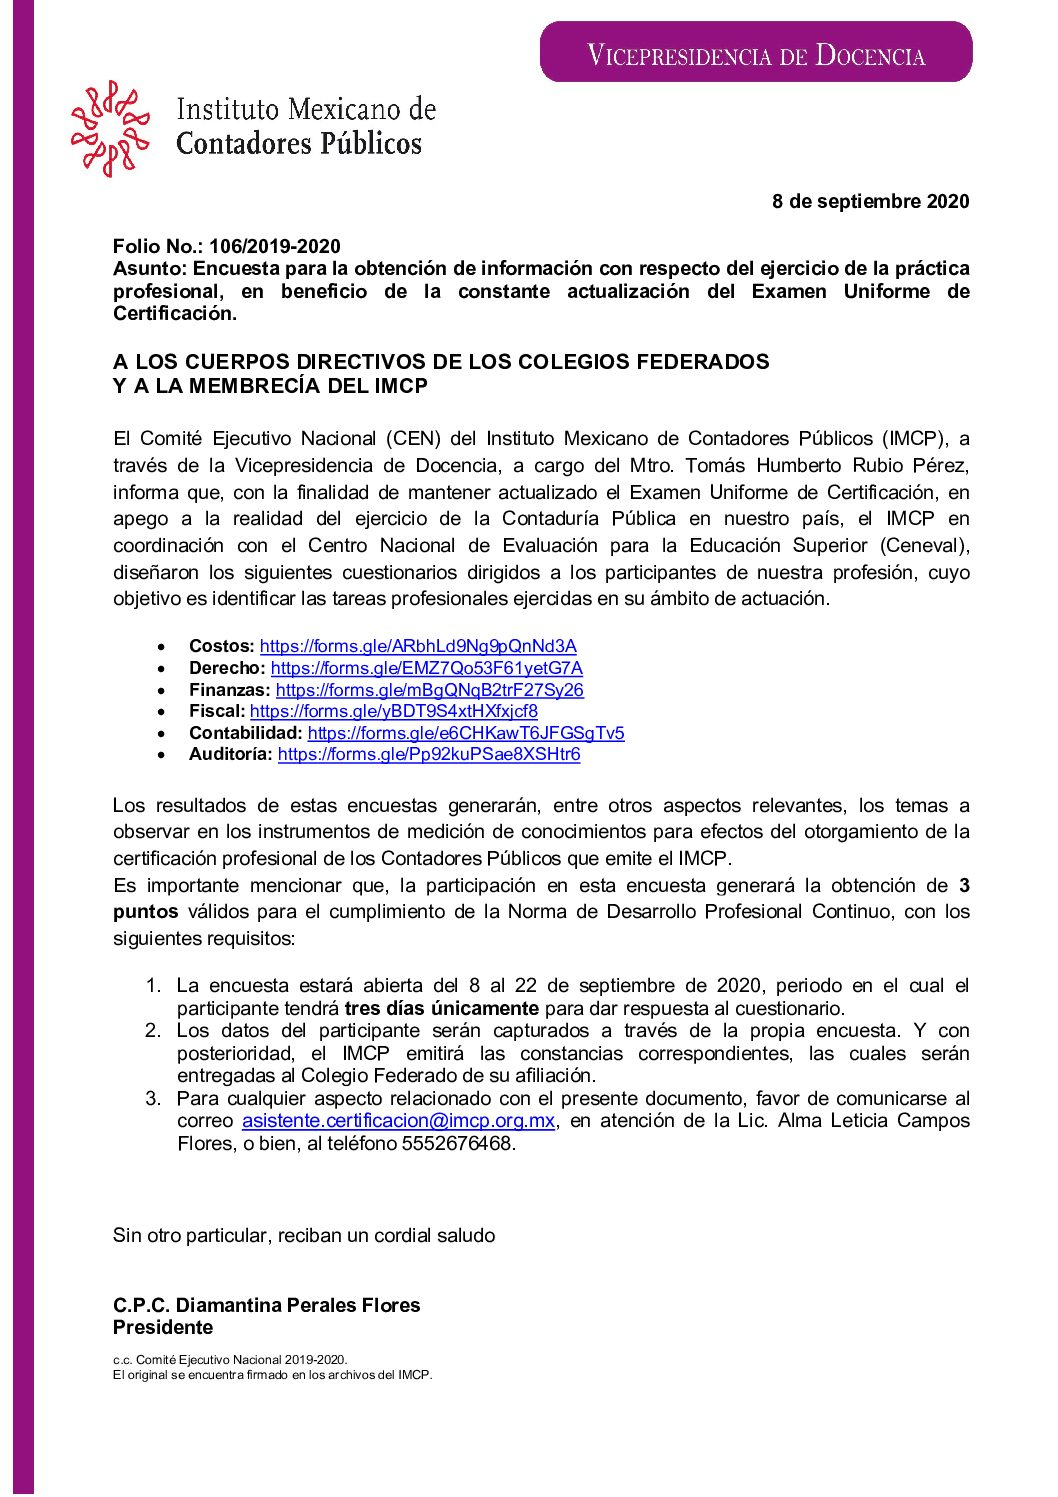 Folio 106/2019-2020.- Encuesta para la obtención de información con respecto del ejercicio de la práctica profesional, en beneficio de la constante actualización del Examen Uniforme de Certificación.